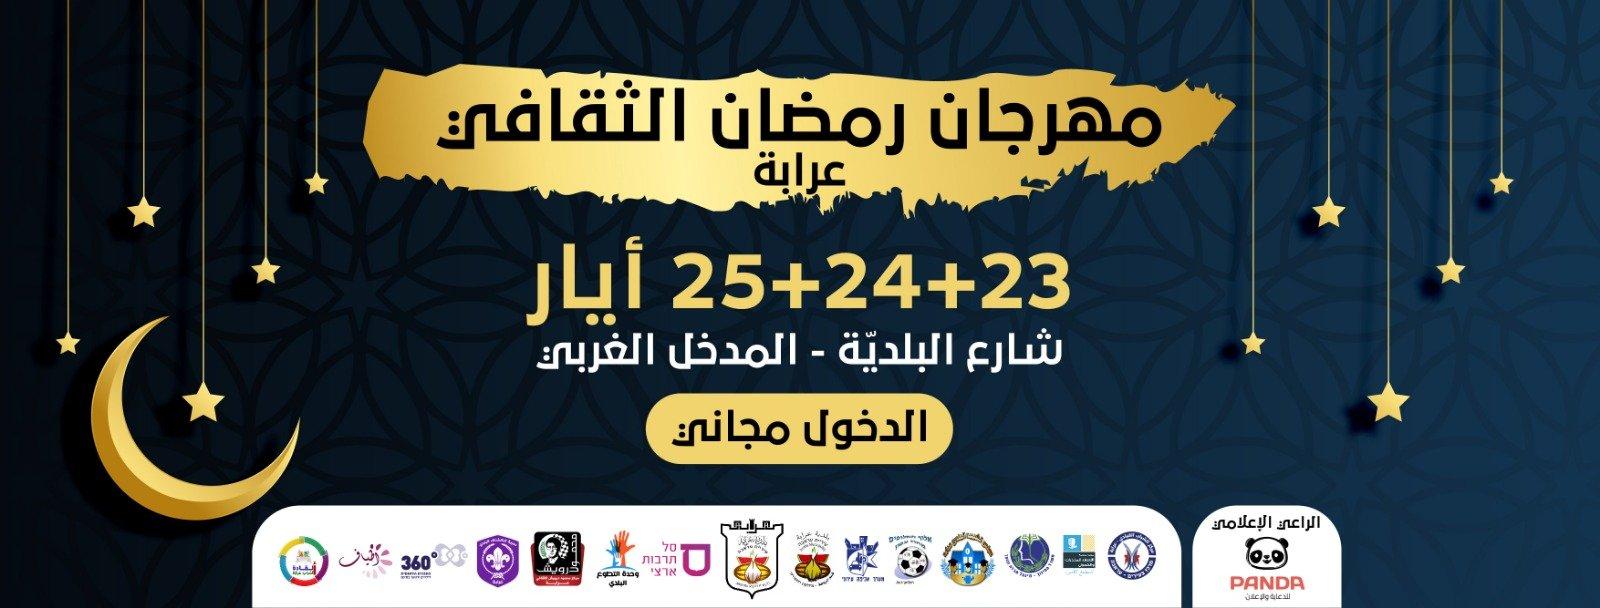 عرابة: اليوم ينطلق مهرجان رمضان الثقافي